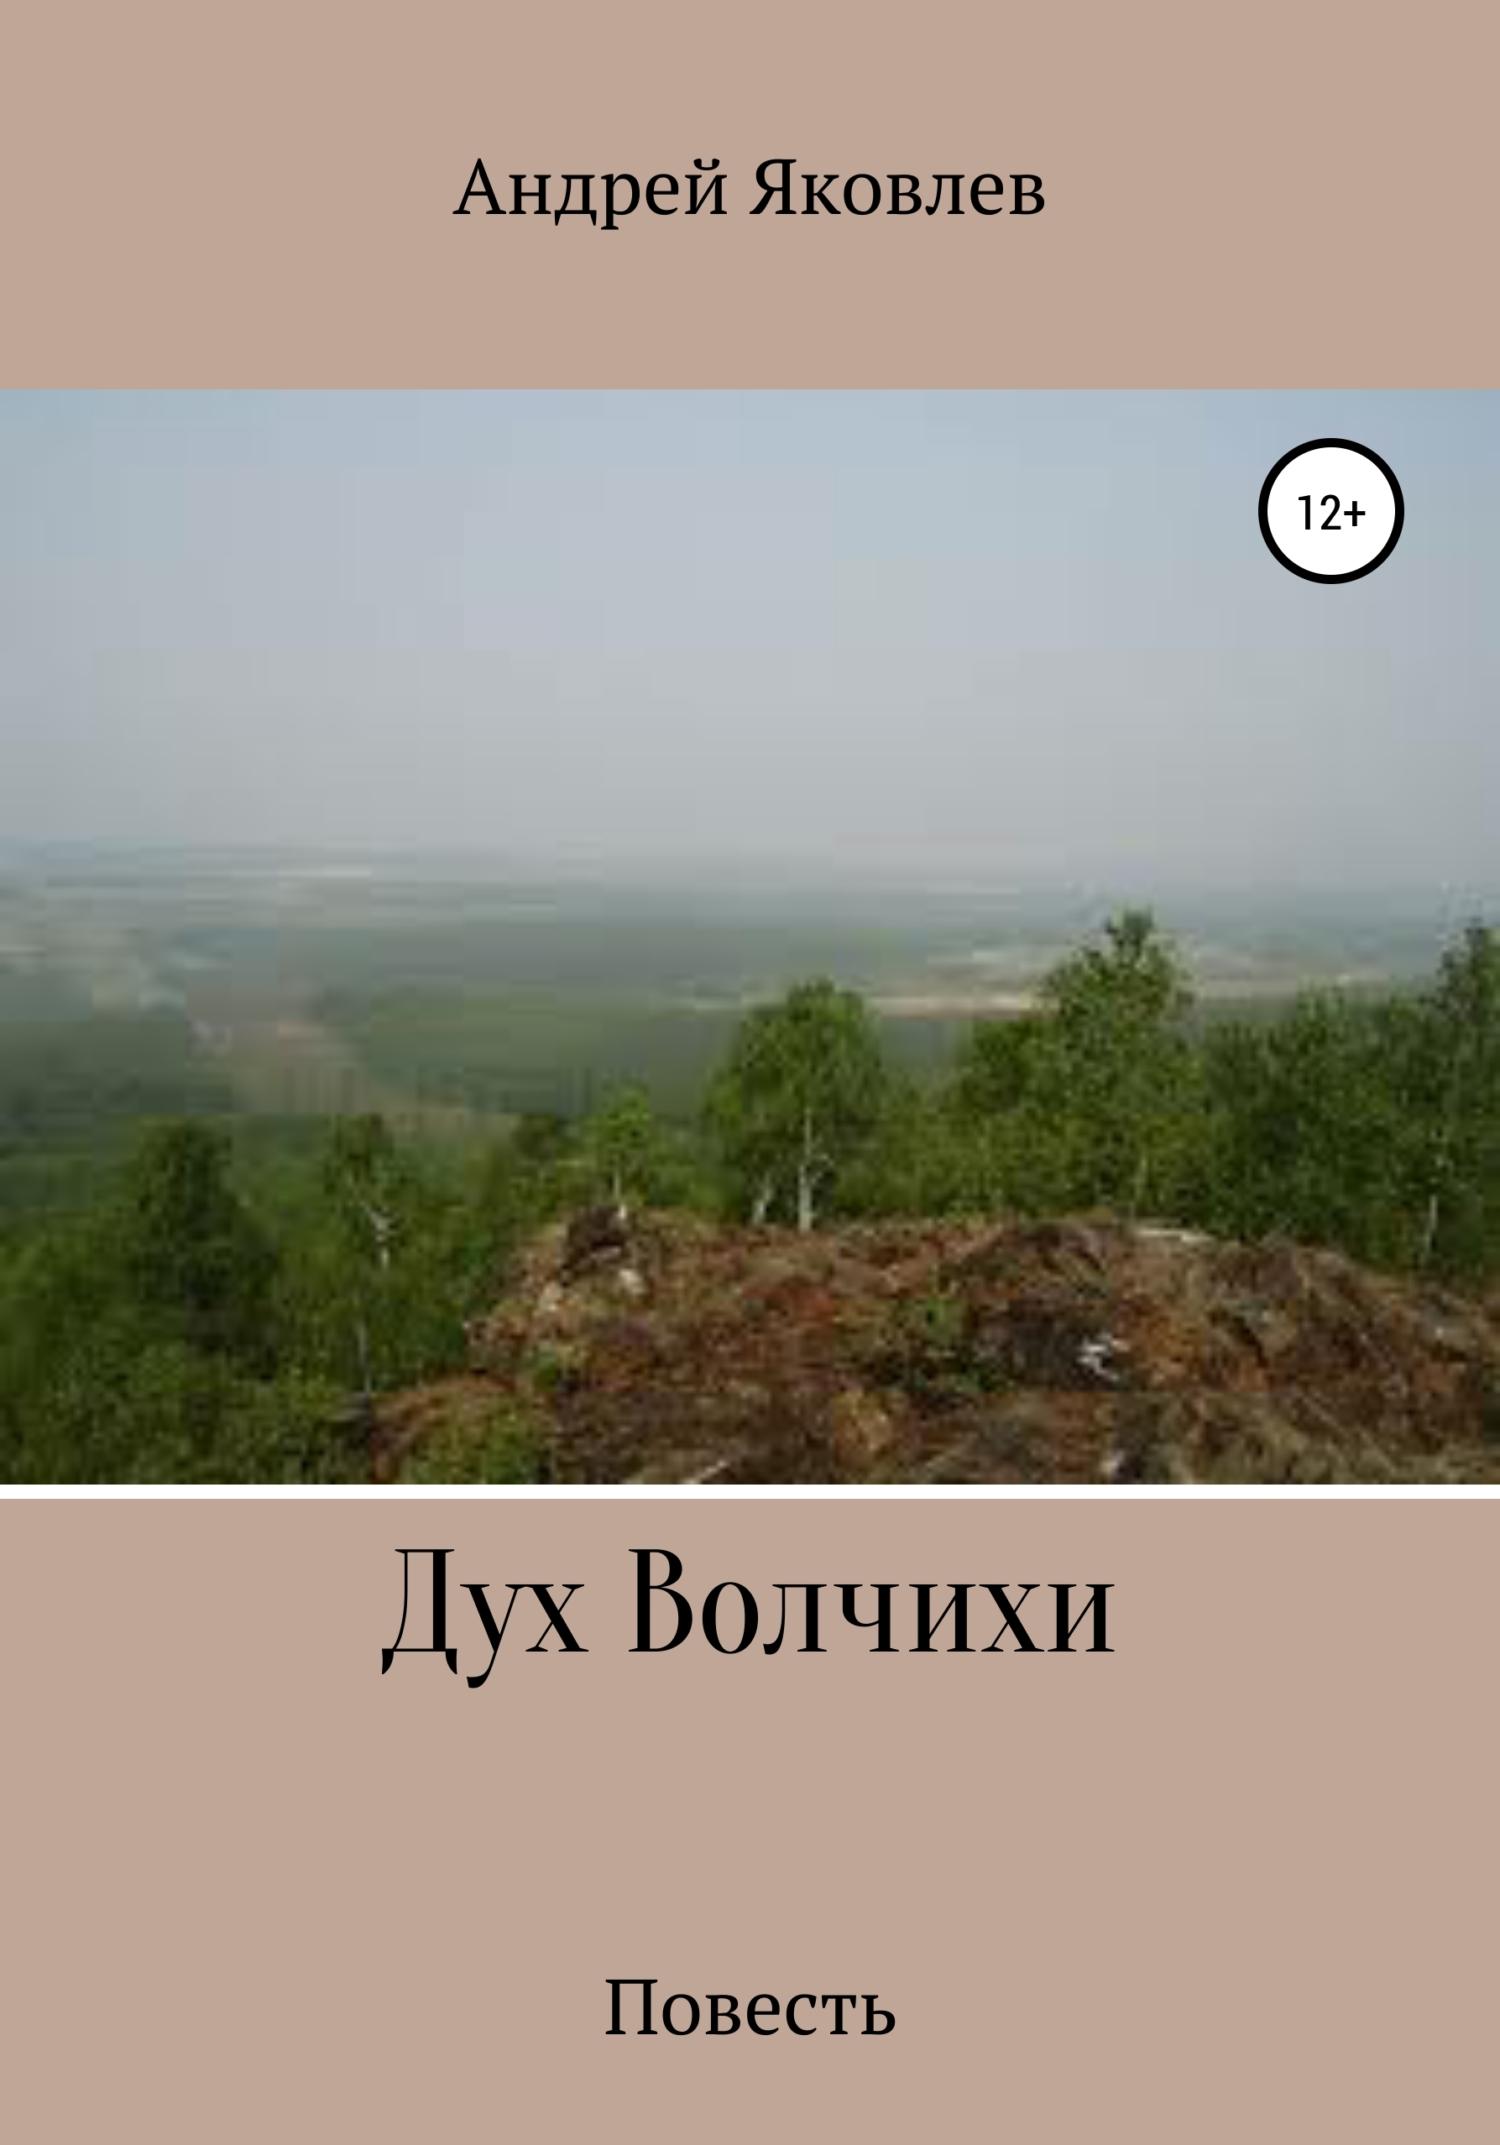 цена на Андрей Владимирович Яковлев Дух Волчихи